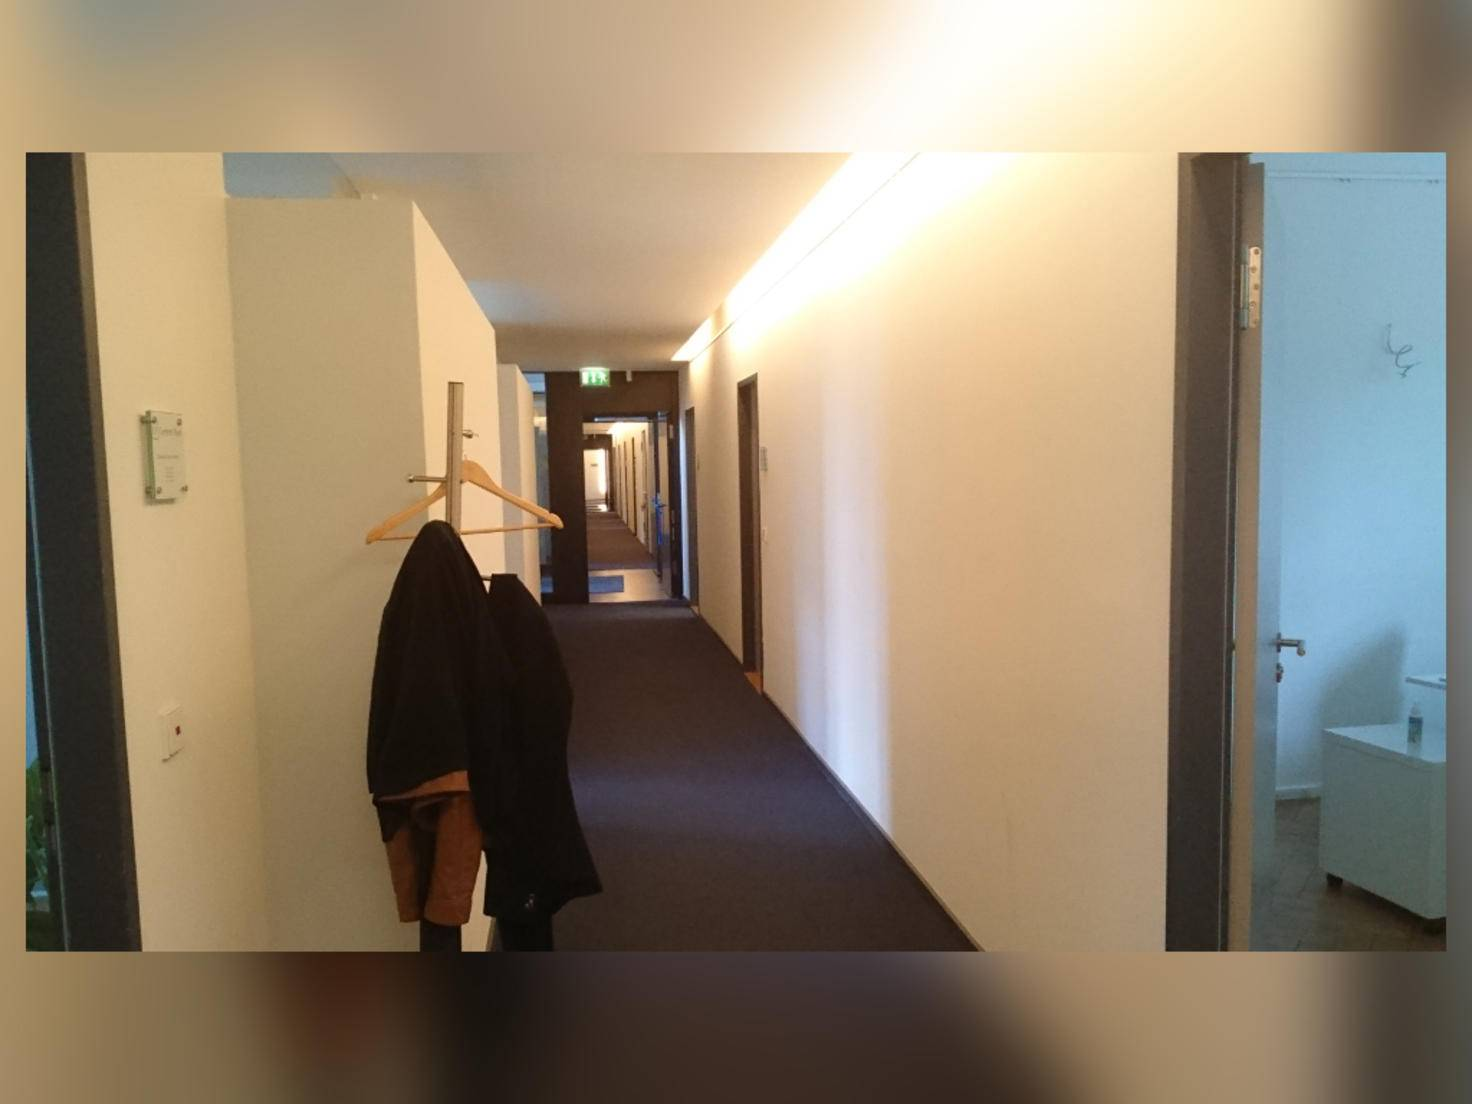 Fotos in Innenräumen leiden unter dem fehlenden LED-Blitz.